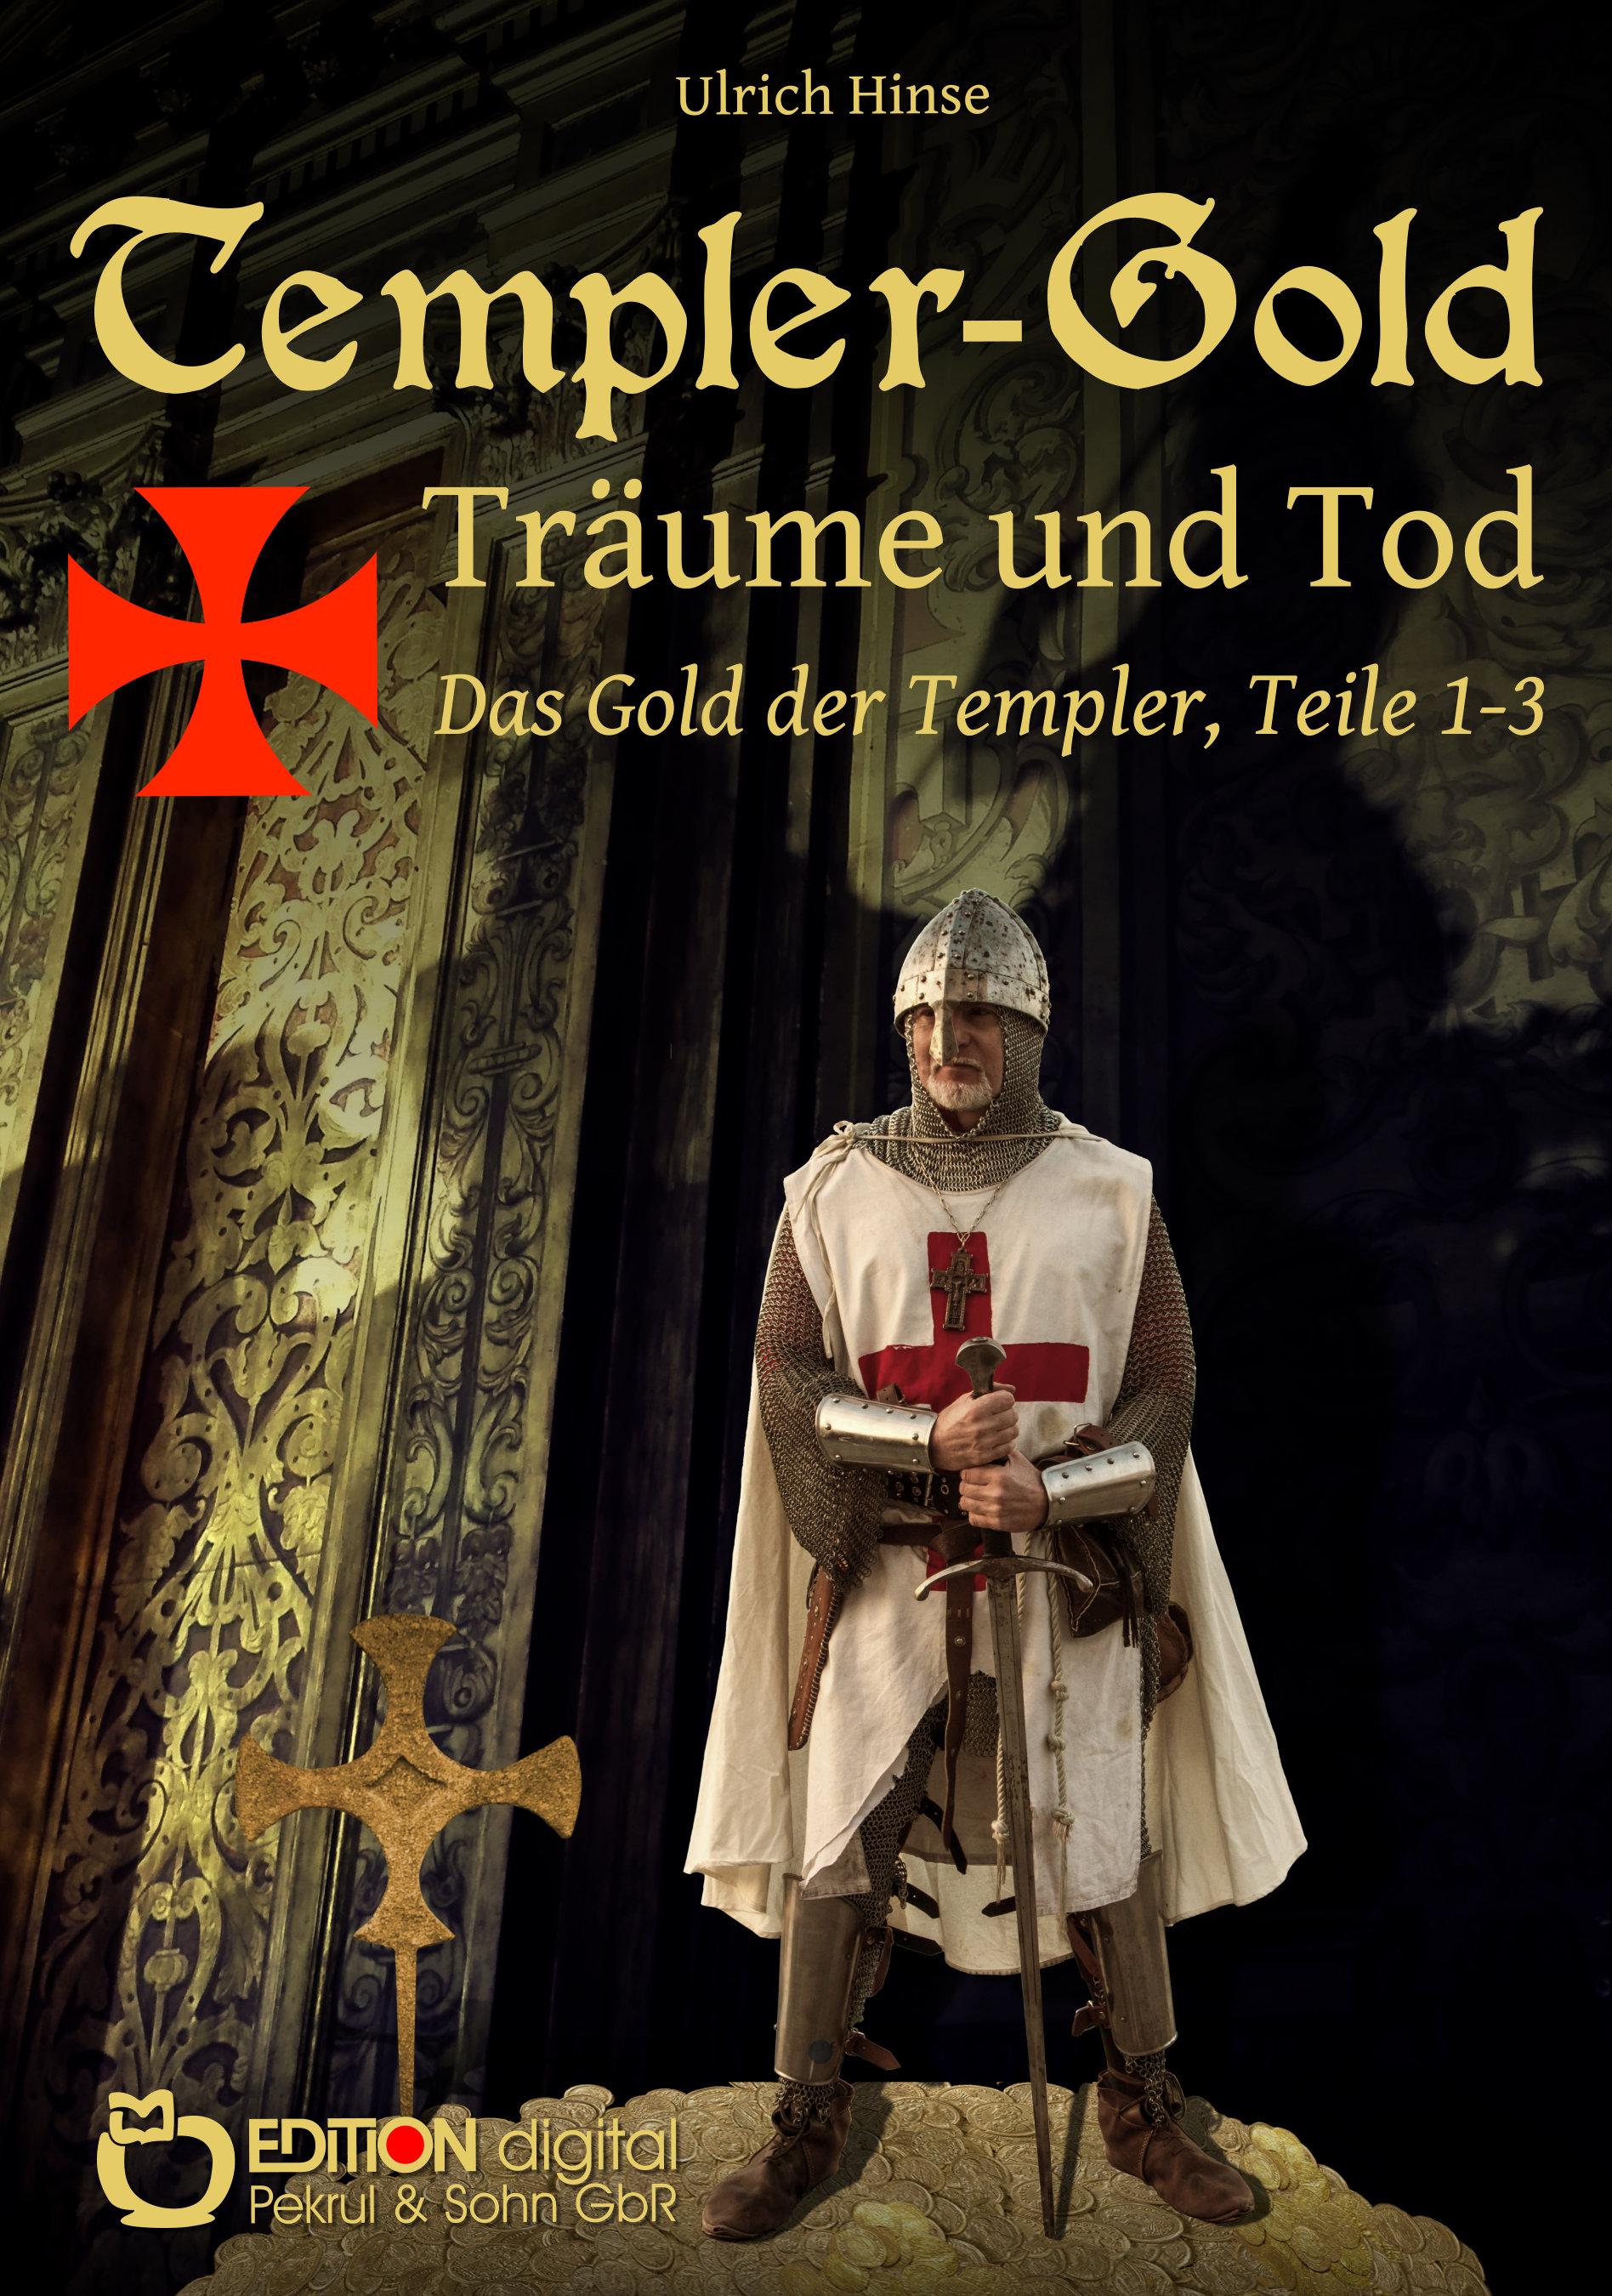 Templer-Gold. Träume und Tod. Das Gold der Templer, Teile 1-3 von Ulrich Hinse